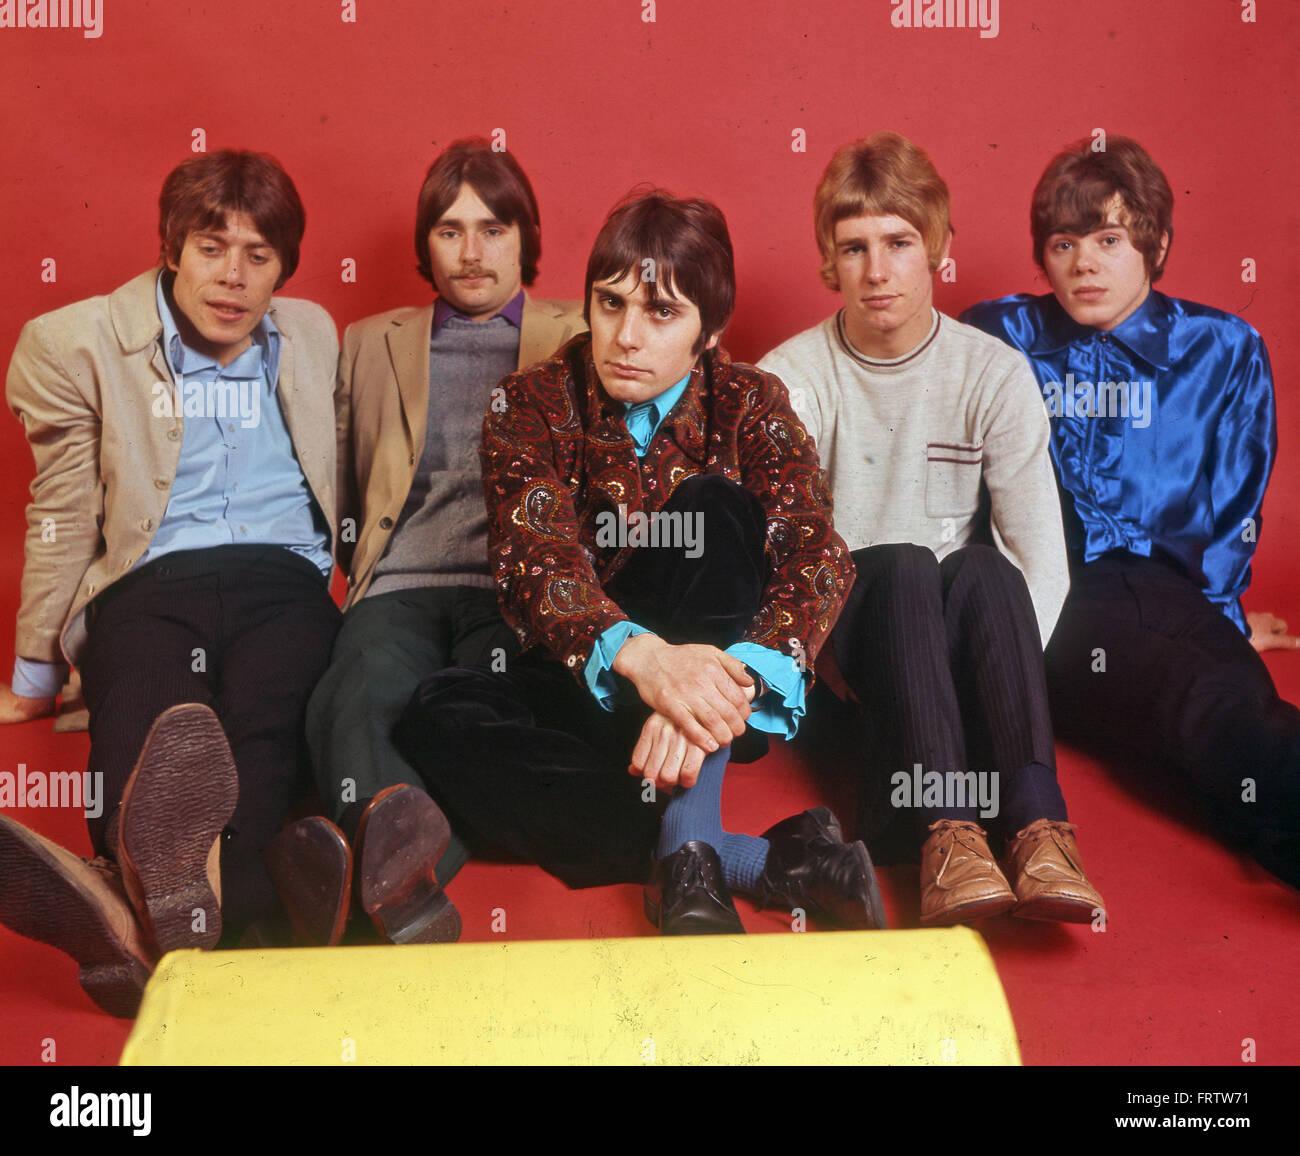 STATUS QUO UK groupe de rock en 1968. De gauche à droite: Roy Lynes, Francis Rossi, John Coghlan, Rick Parfitt, Alan Lancaster. Photo Tony Gale Banque D'Images